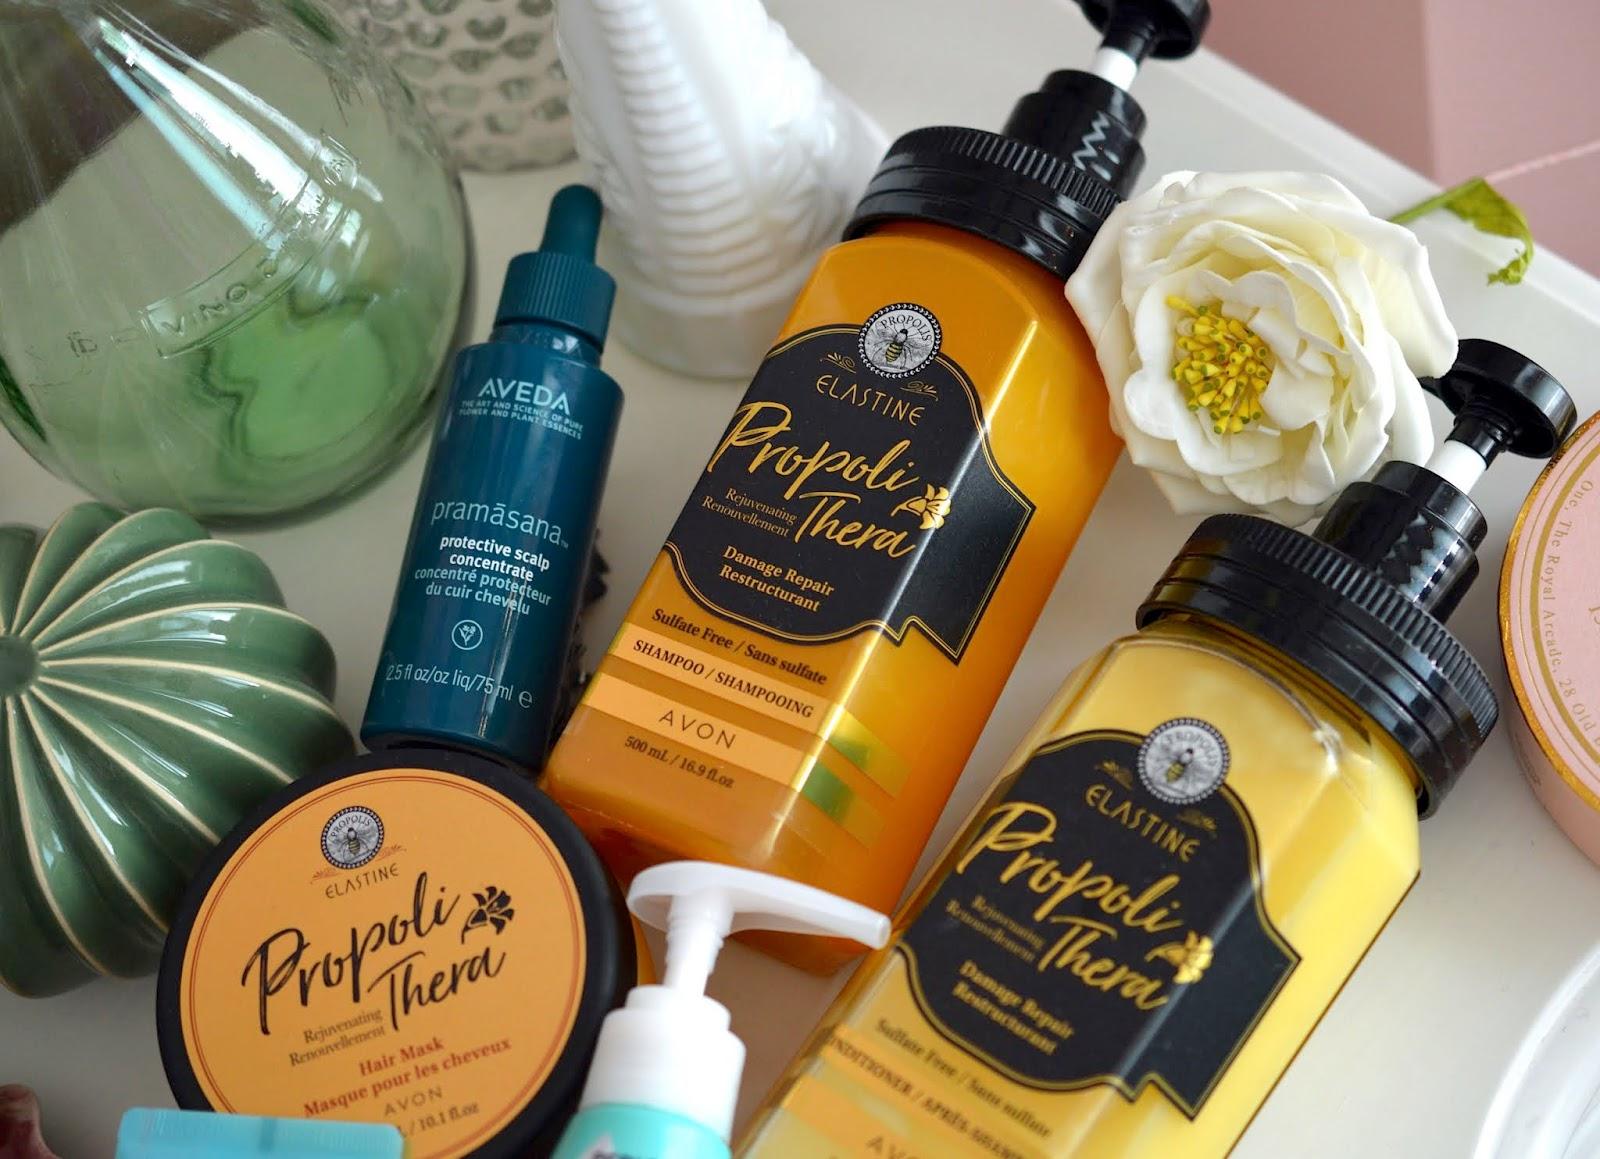 Avon Propoli Honey Shampoo